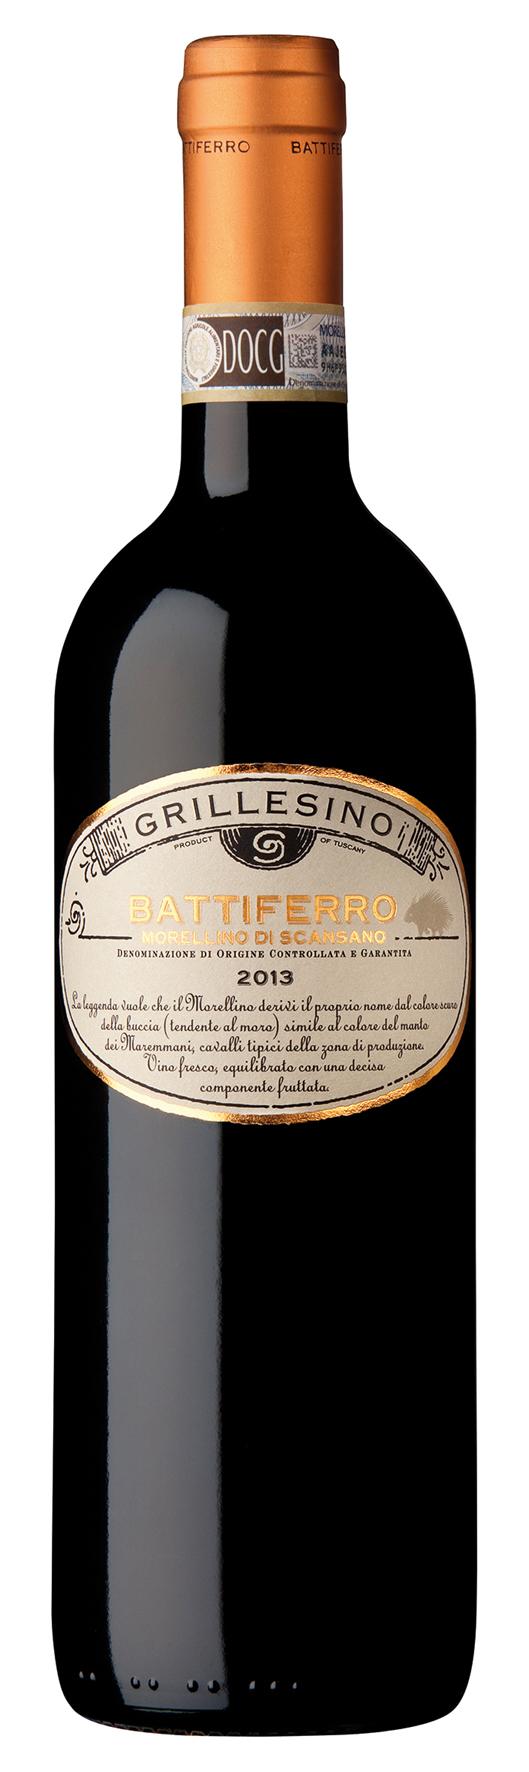 2015 Battiferro Morellino di Scansano DOCG Azienda il Grillesino